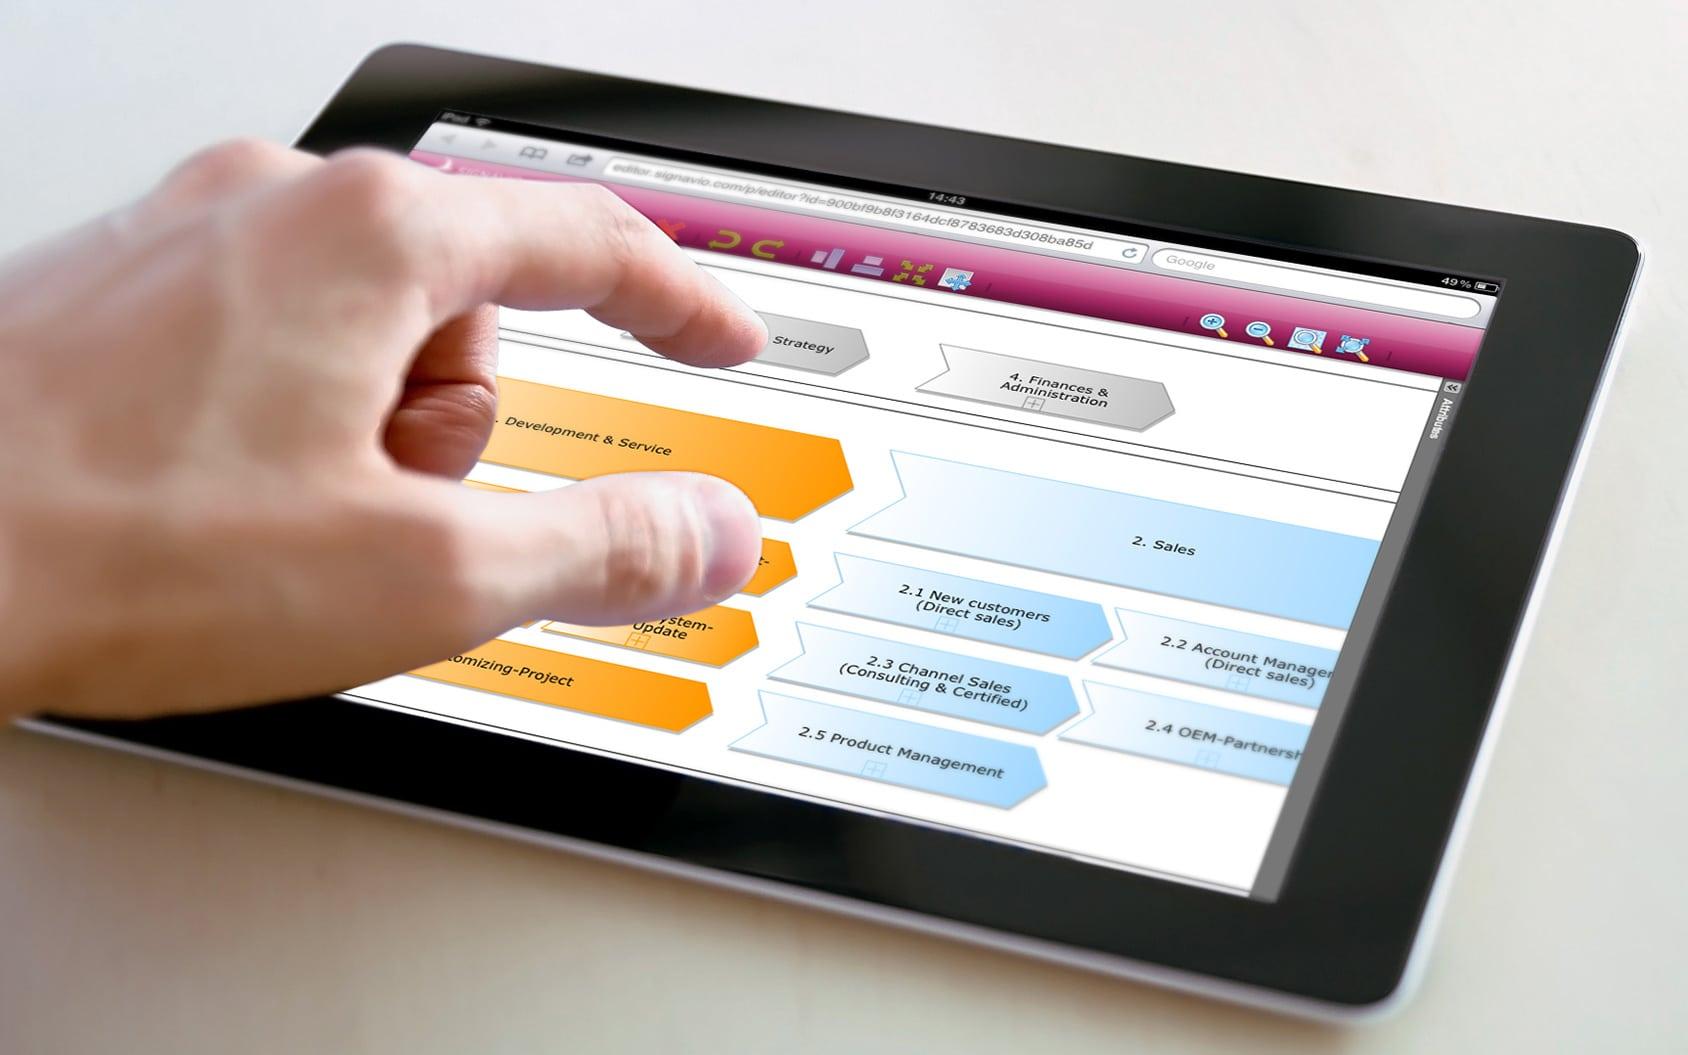 L'analyse simplifiée des processus sur iPad